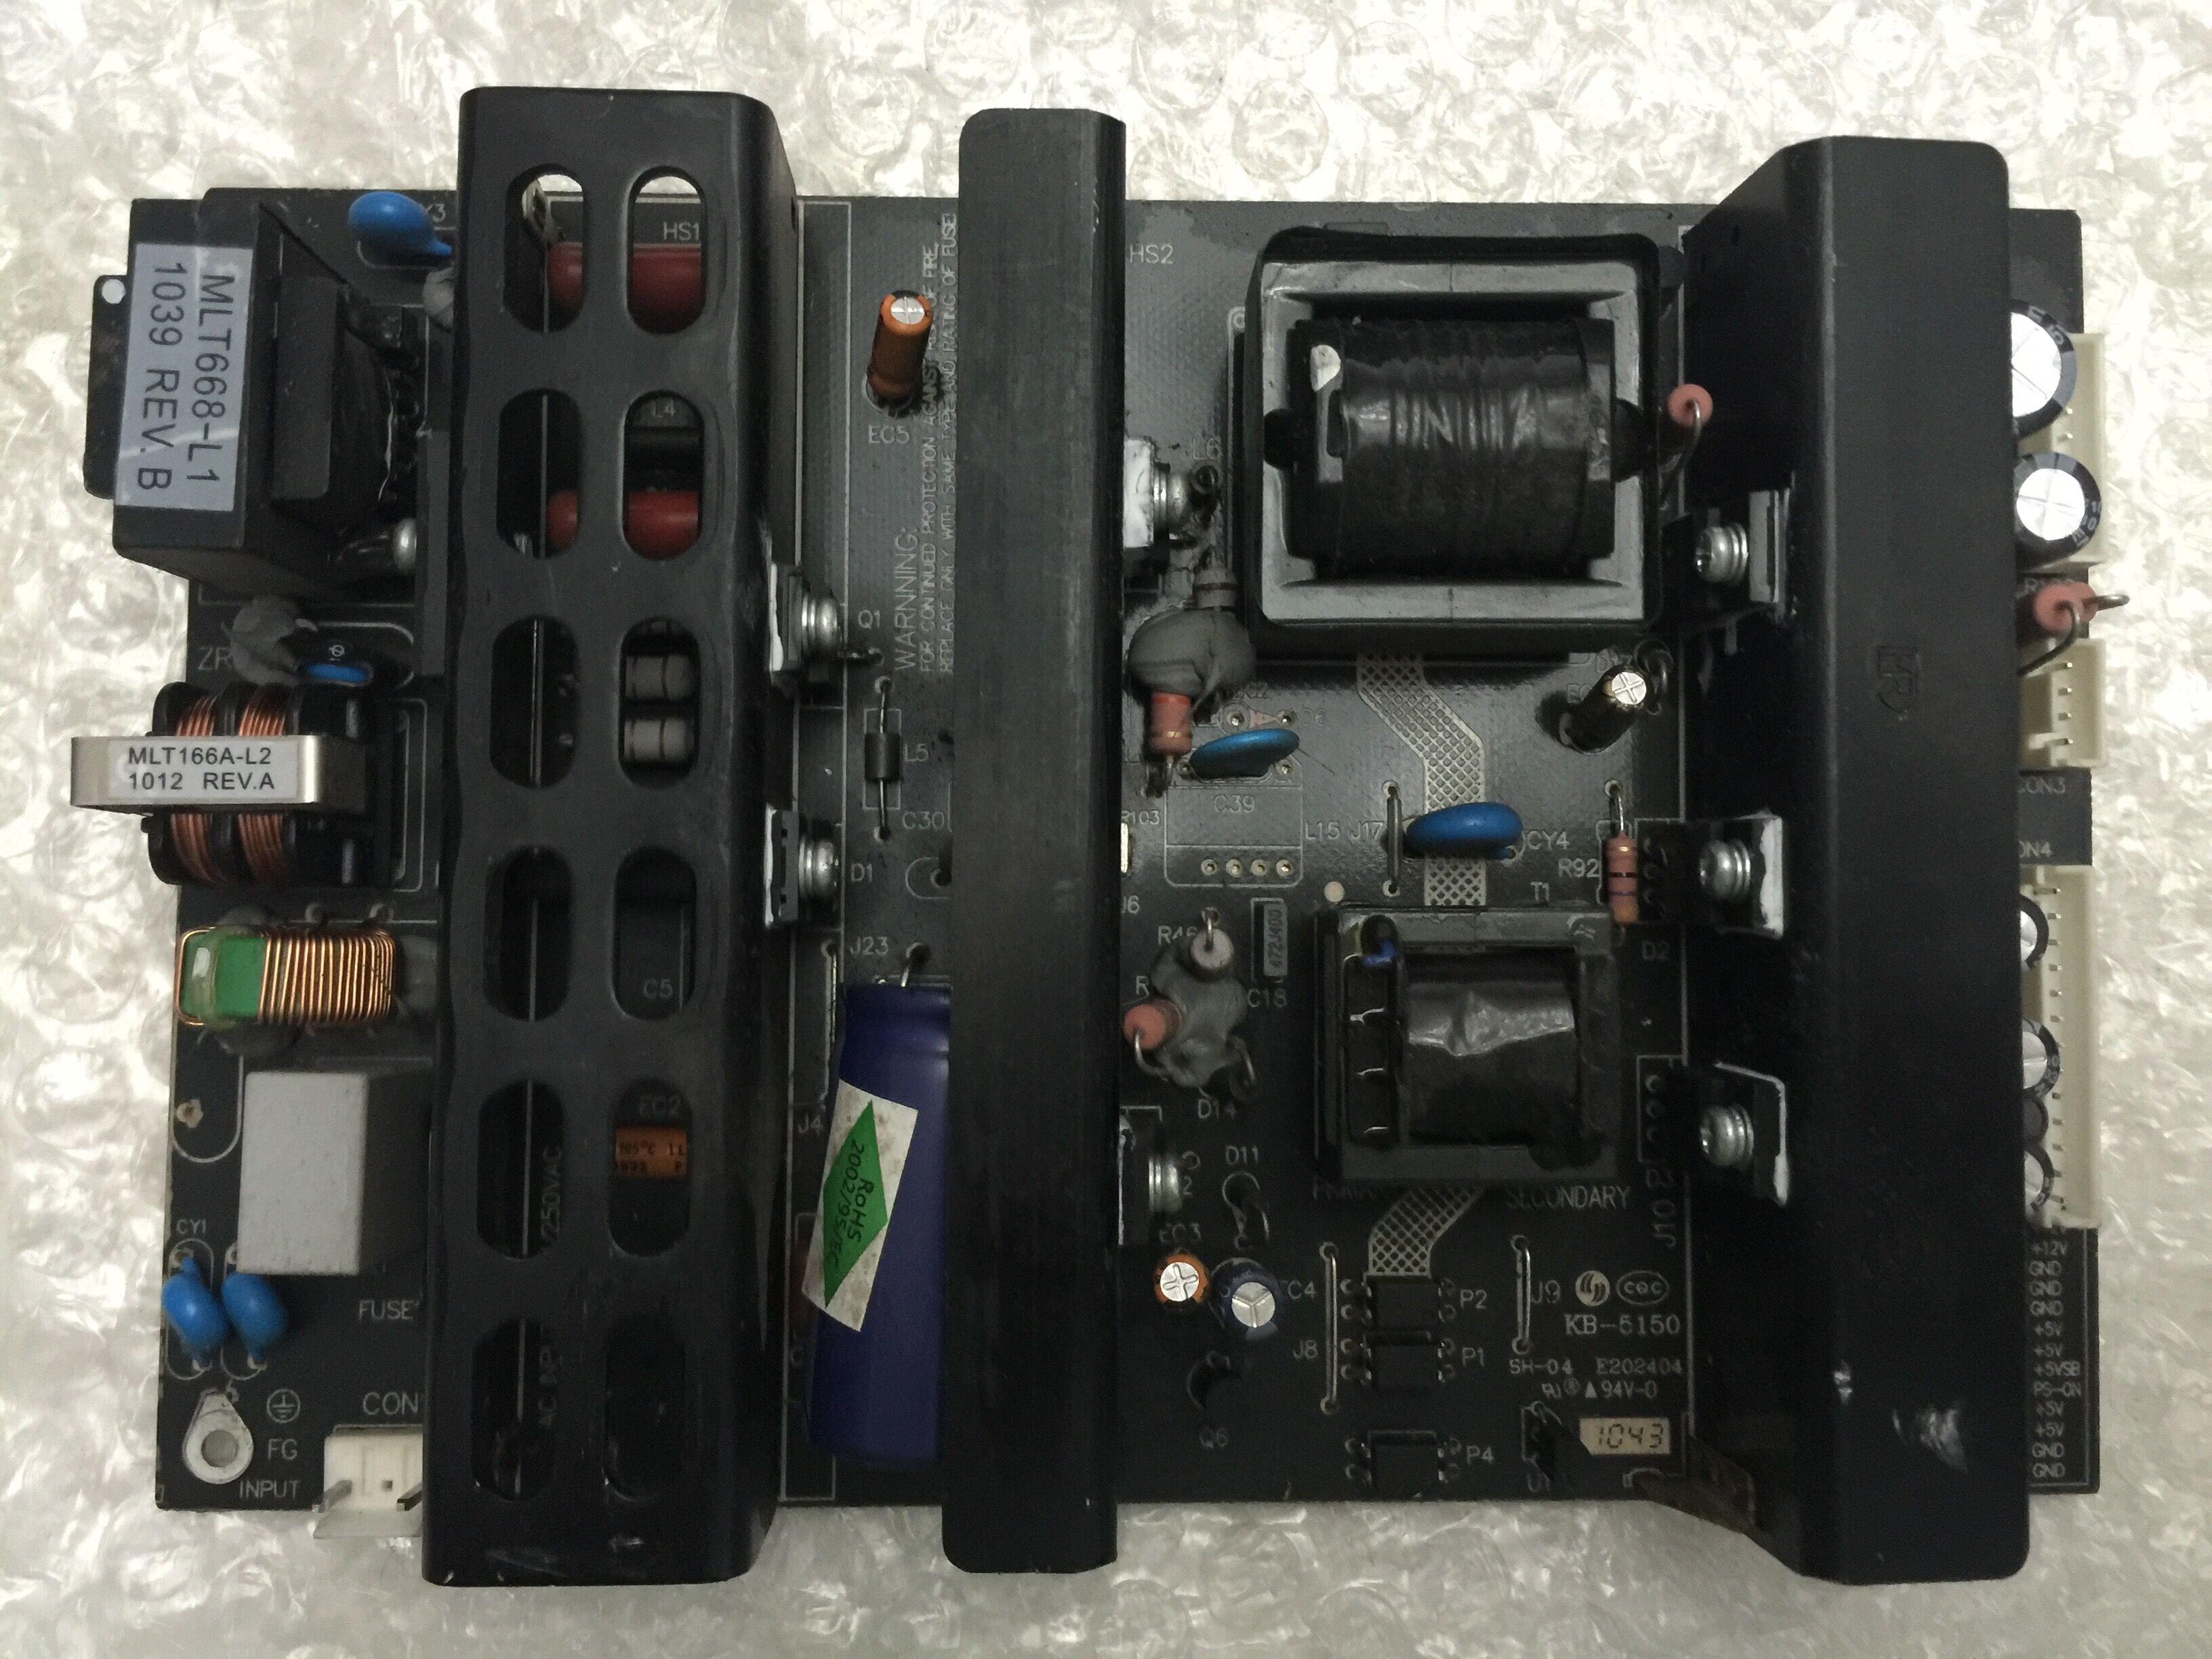 26 - 32 универсальный жк - телевизор полномочия Совета MLT666TMLT666BX-T1 (3 интерфейс)